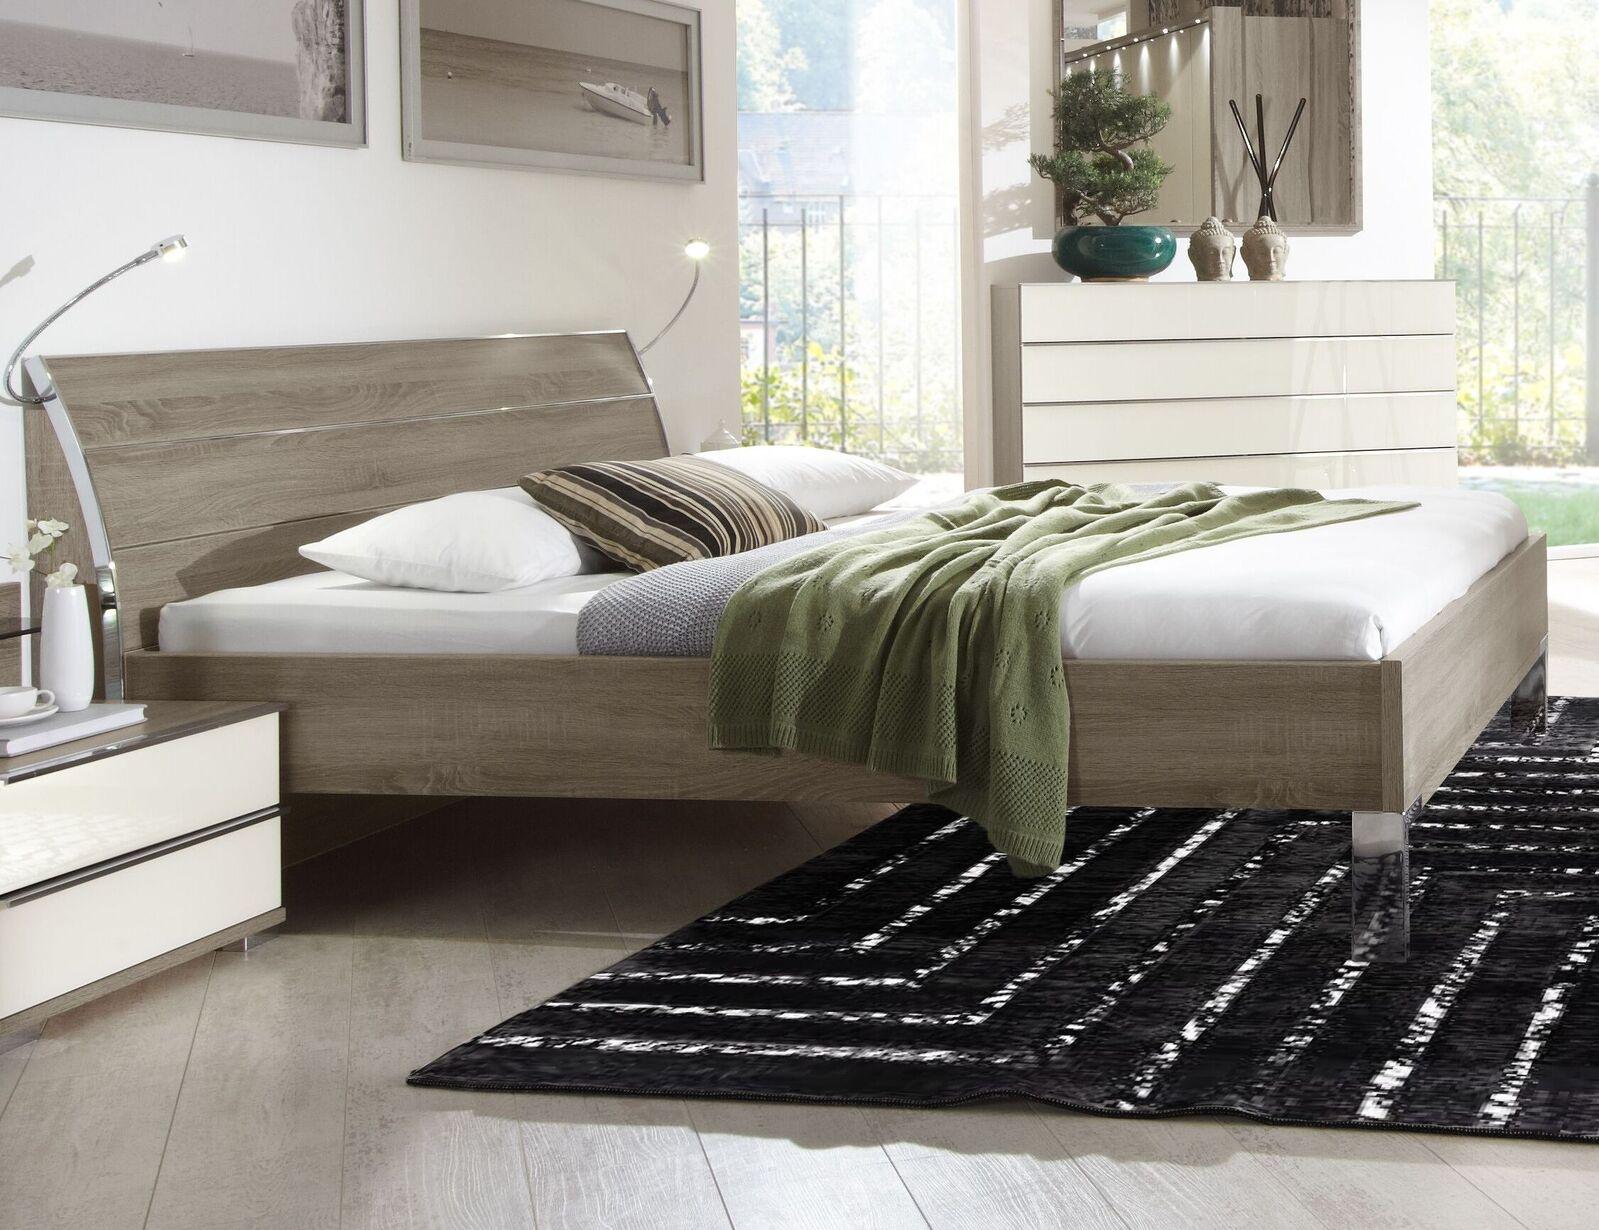 designerbett in tr ffeleiche mit verchromten verzierungen. Black Bedroom Furniture Sets. Home Design Ideas